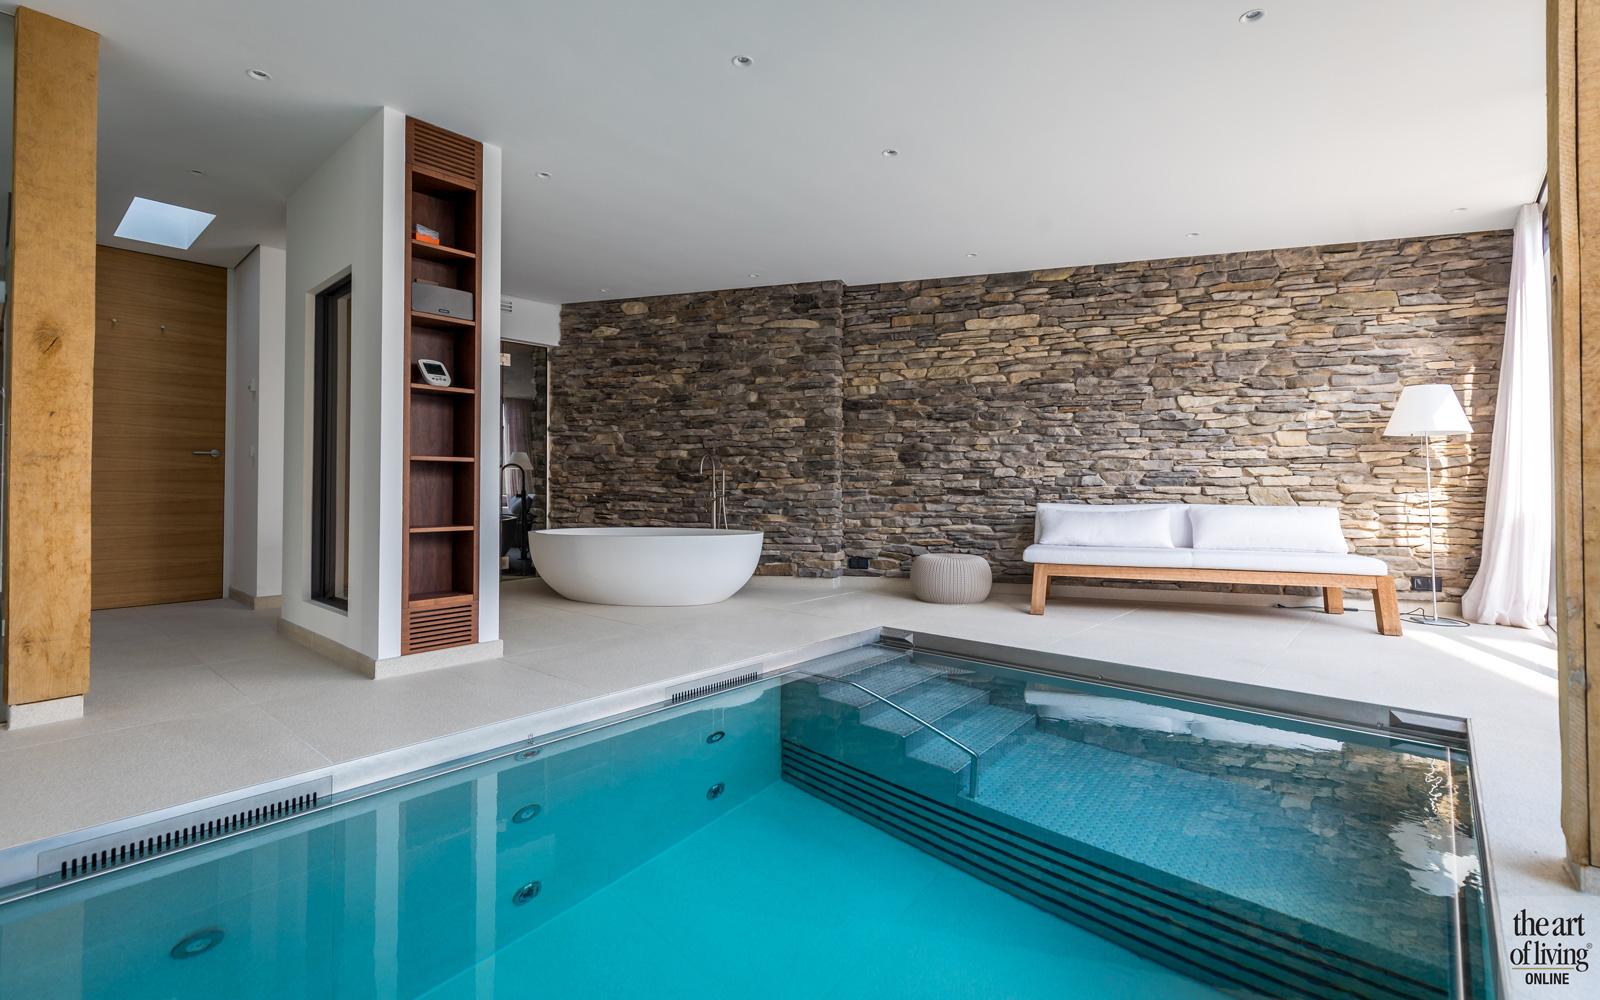 Wellnessruimte met binnenzwembad van Waterstijl